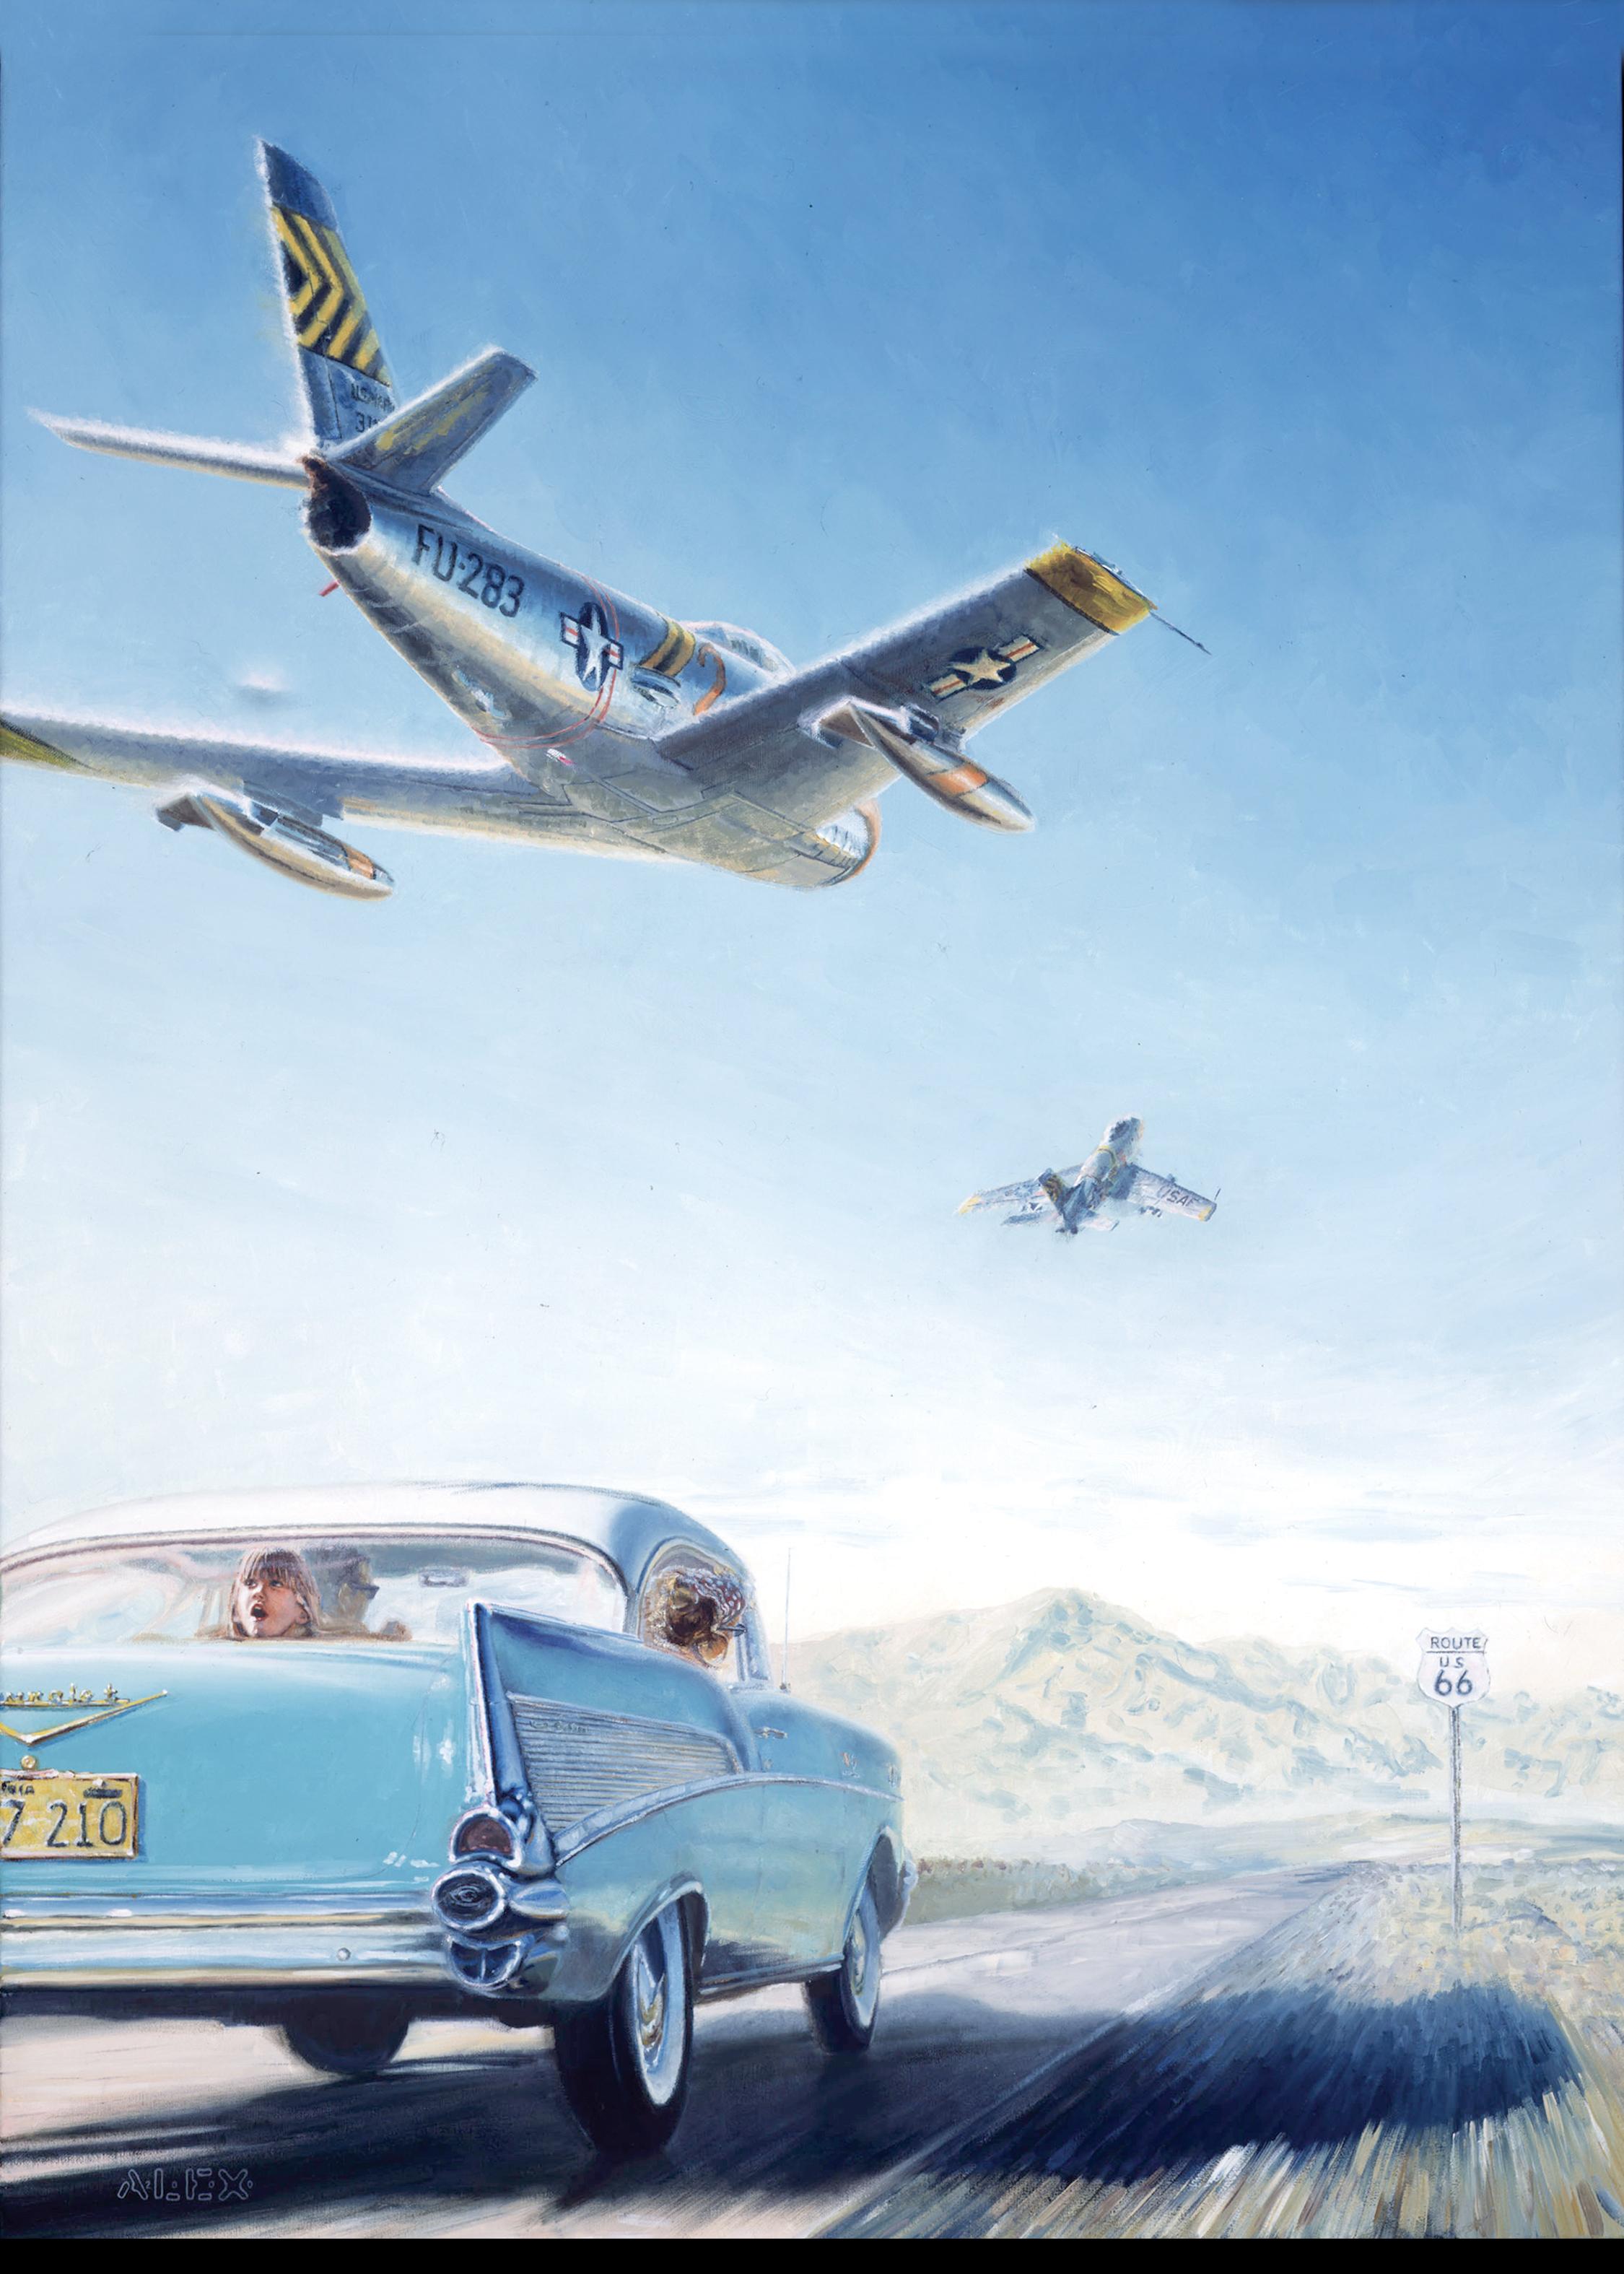 Pilot's Love of Art Surpasses Love of Flying